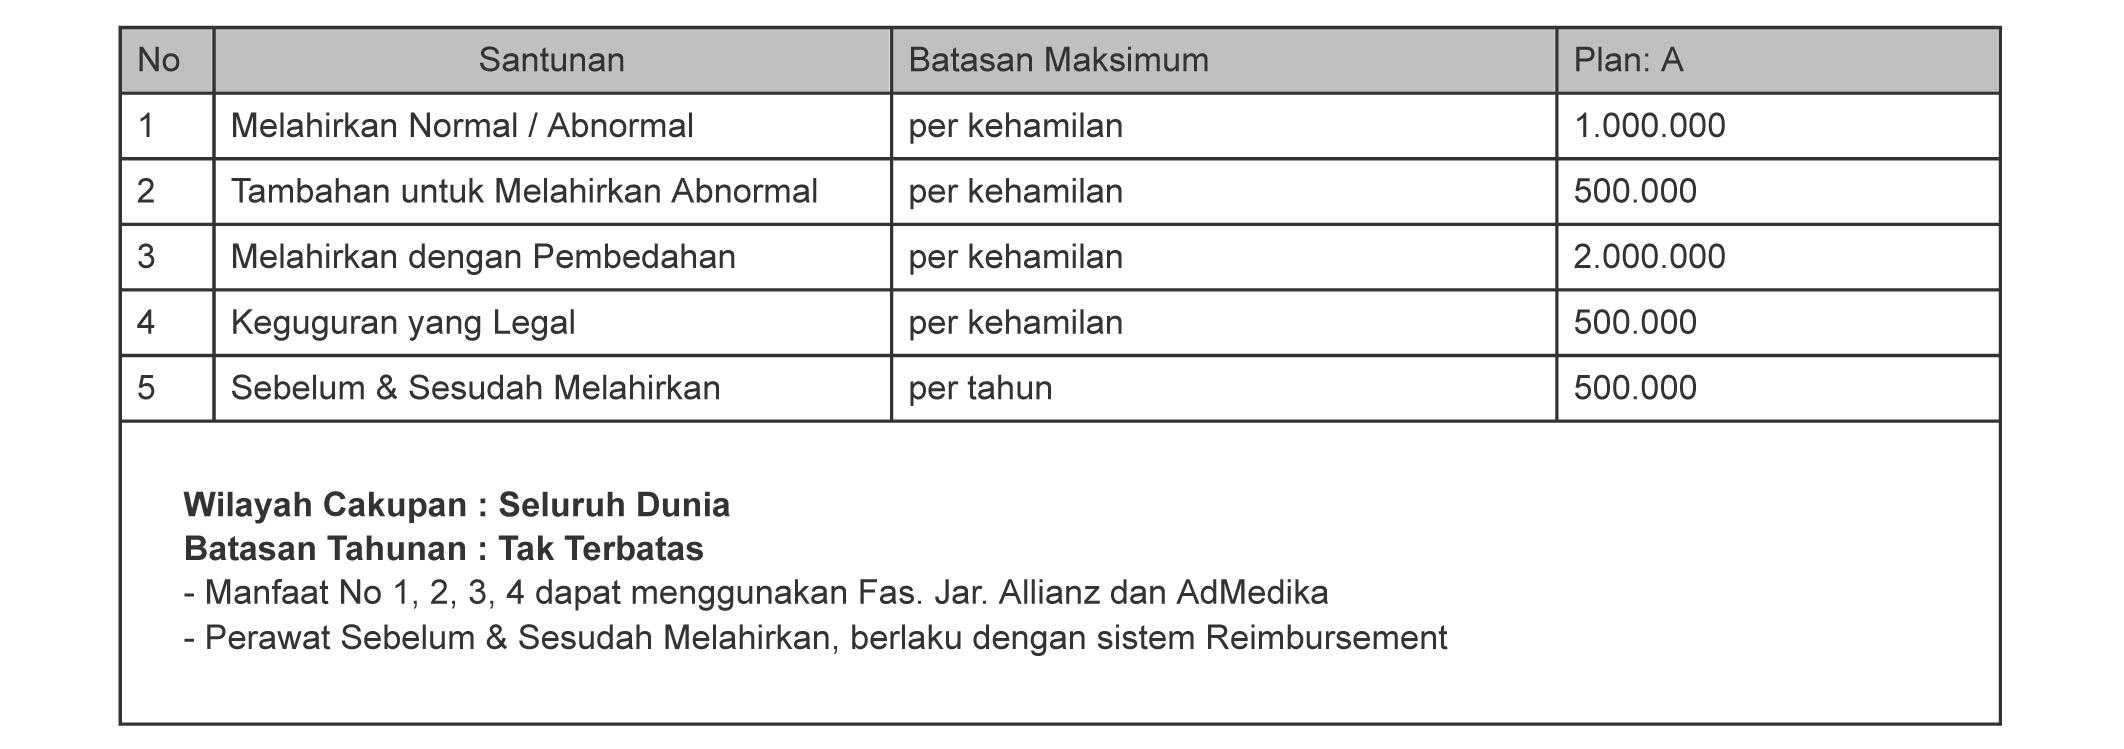 tabel manfaat asuransi melahirkan smarthealth maxi violet atau allisya care plan A